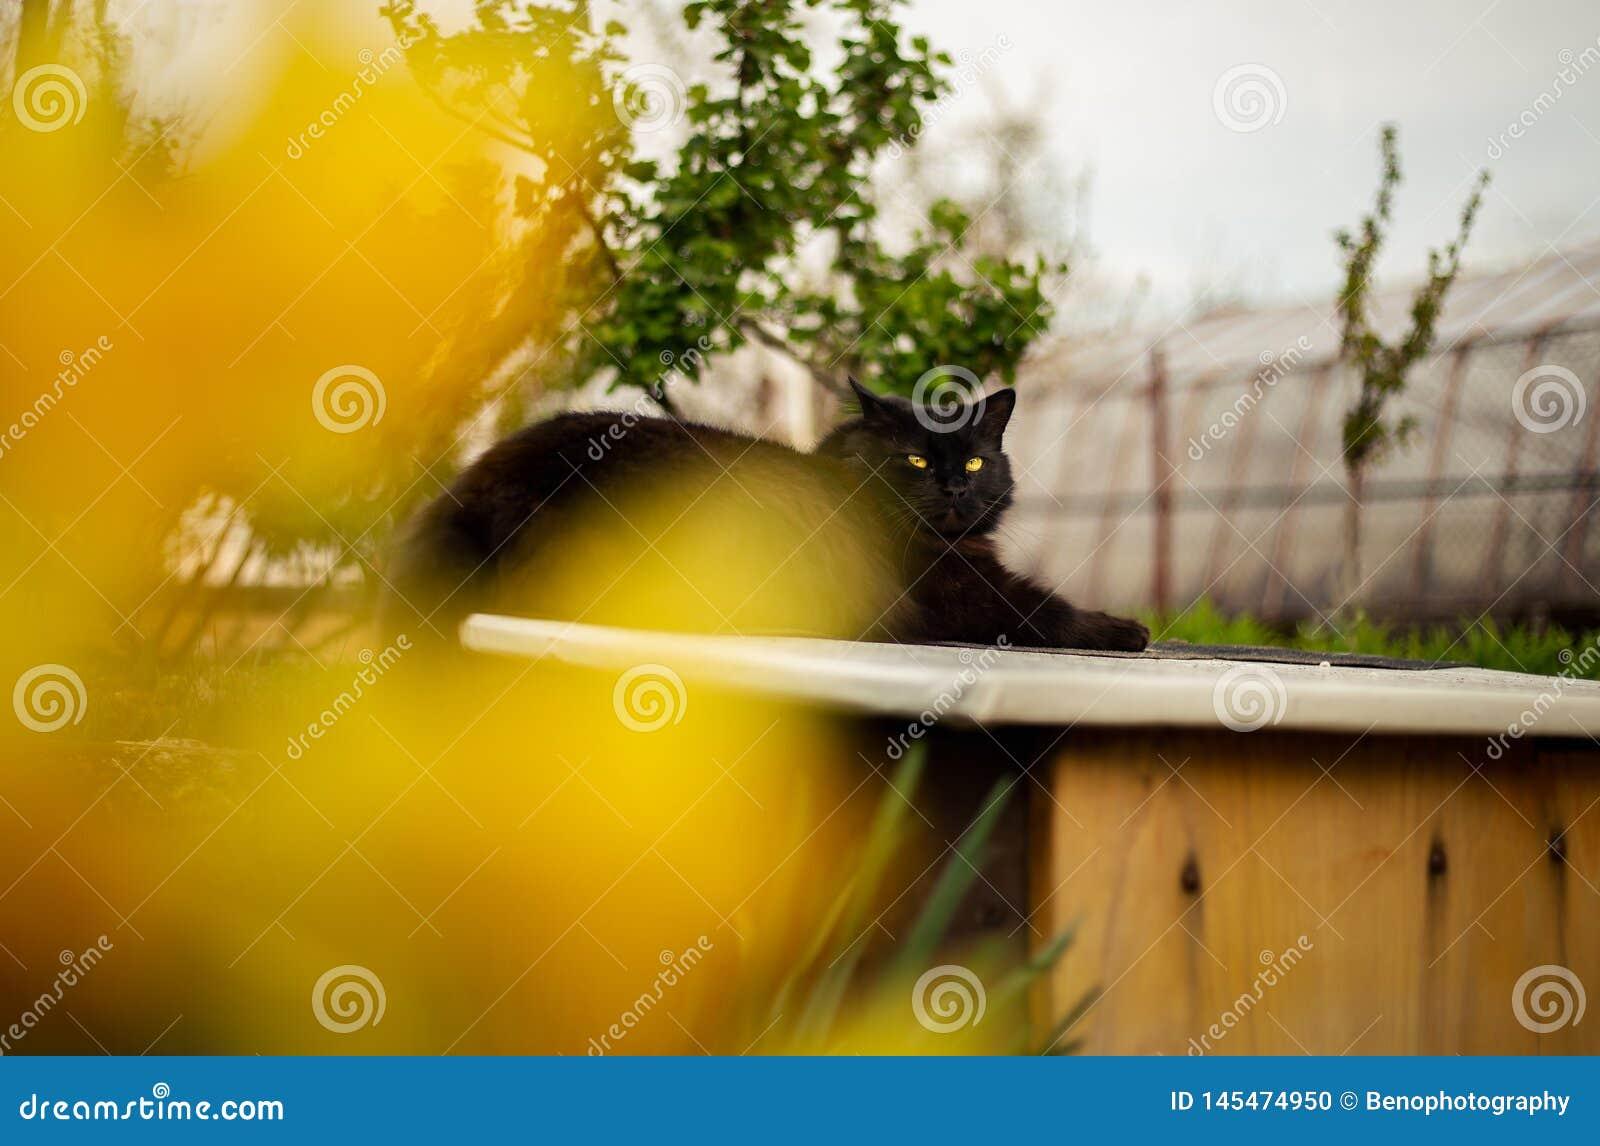 Zamyka w górę portreta tomcat Chantilly Tiffany odpoczynkowy i relaksuje na ścianie - słoneczny dzień Ciemny czarny kot z dużymi